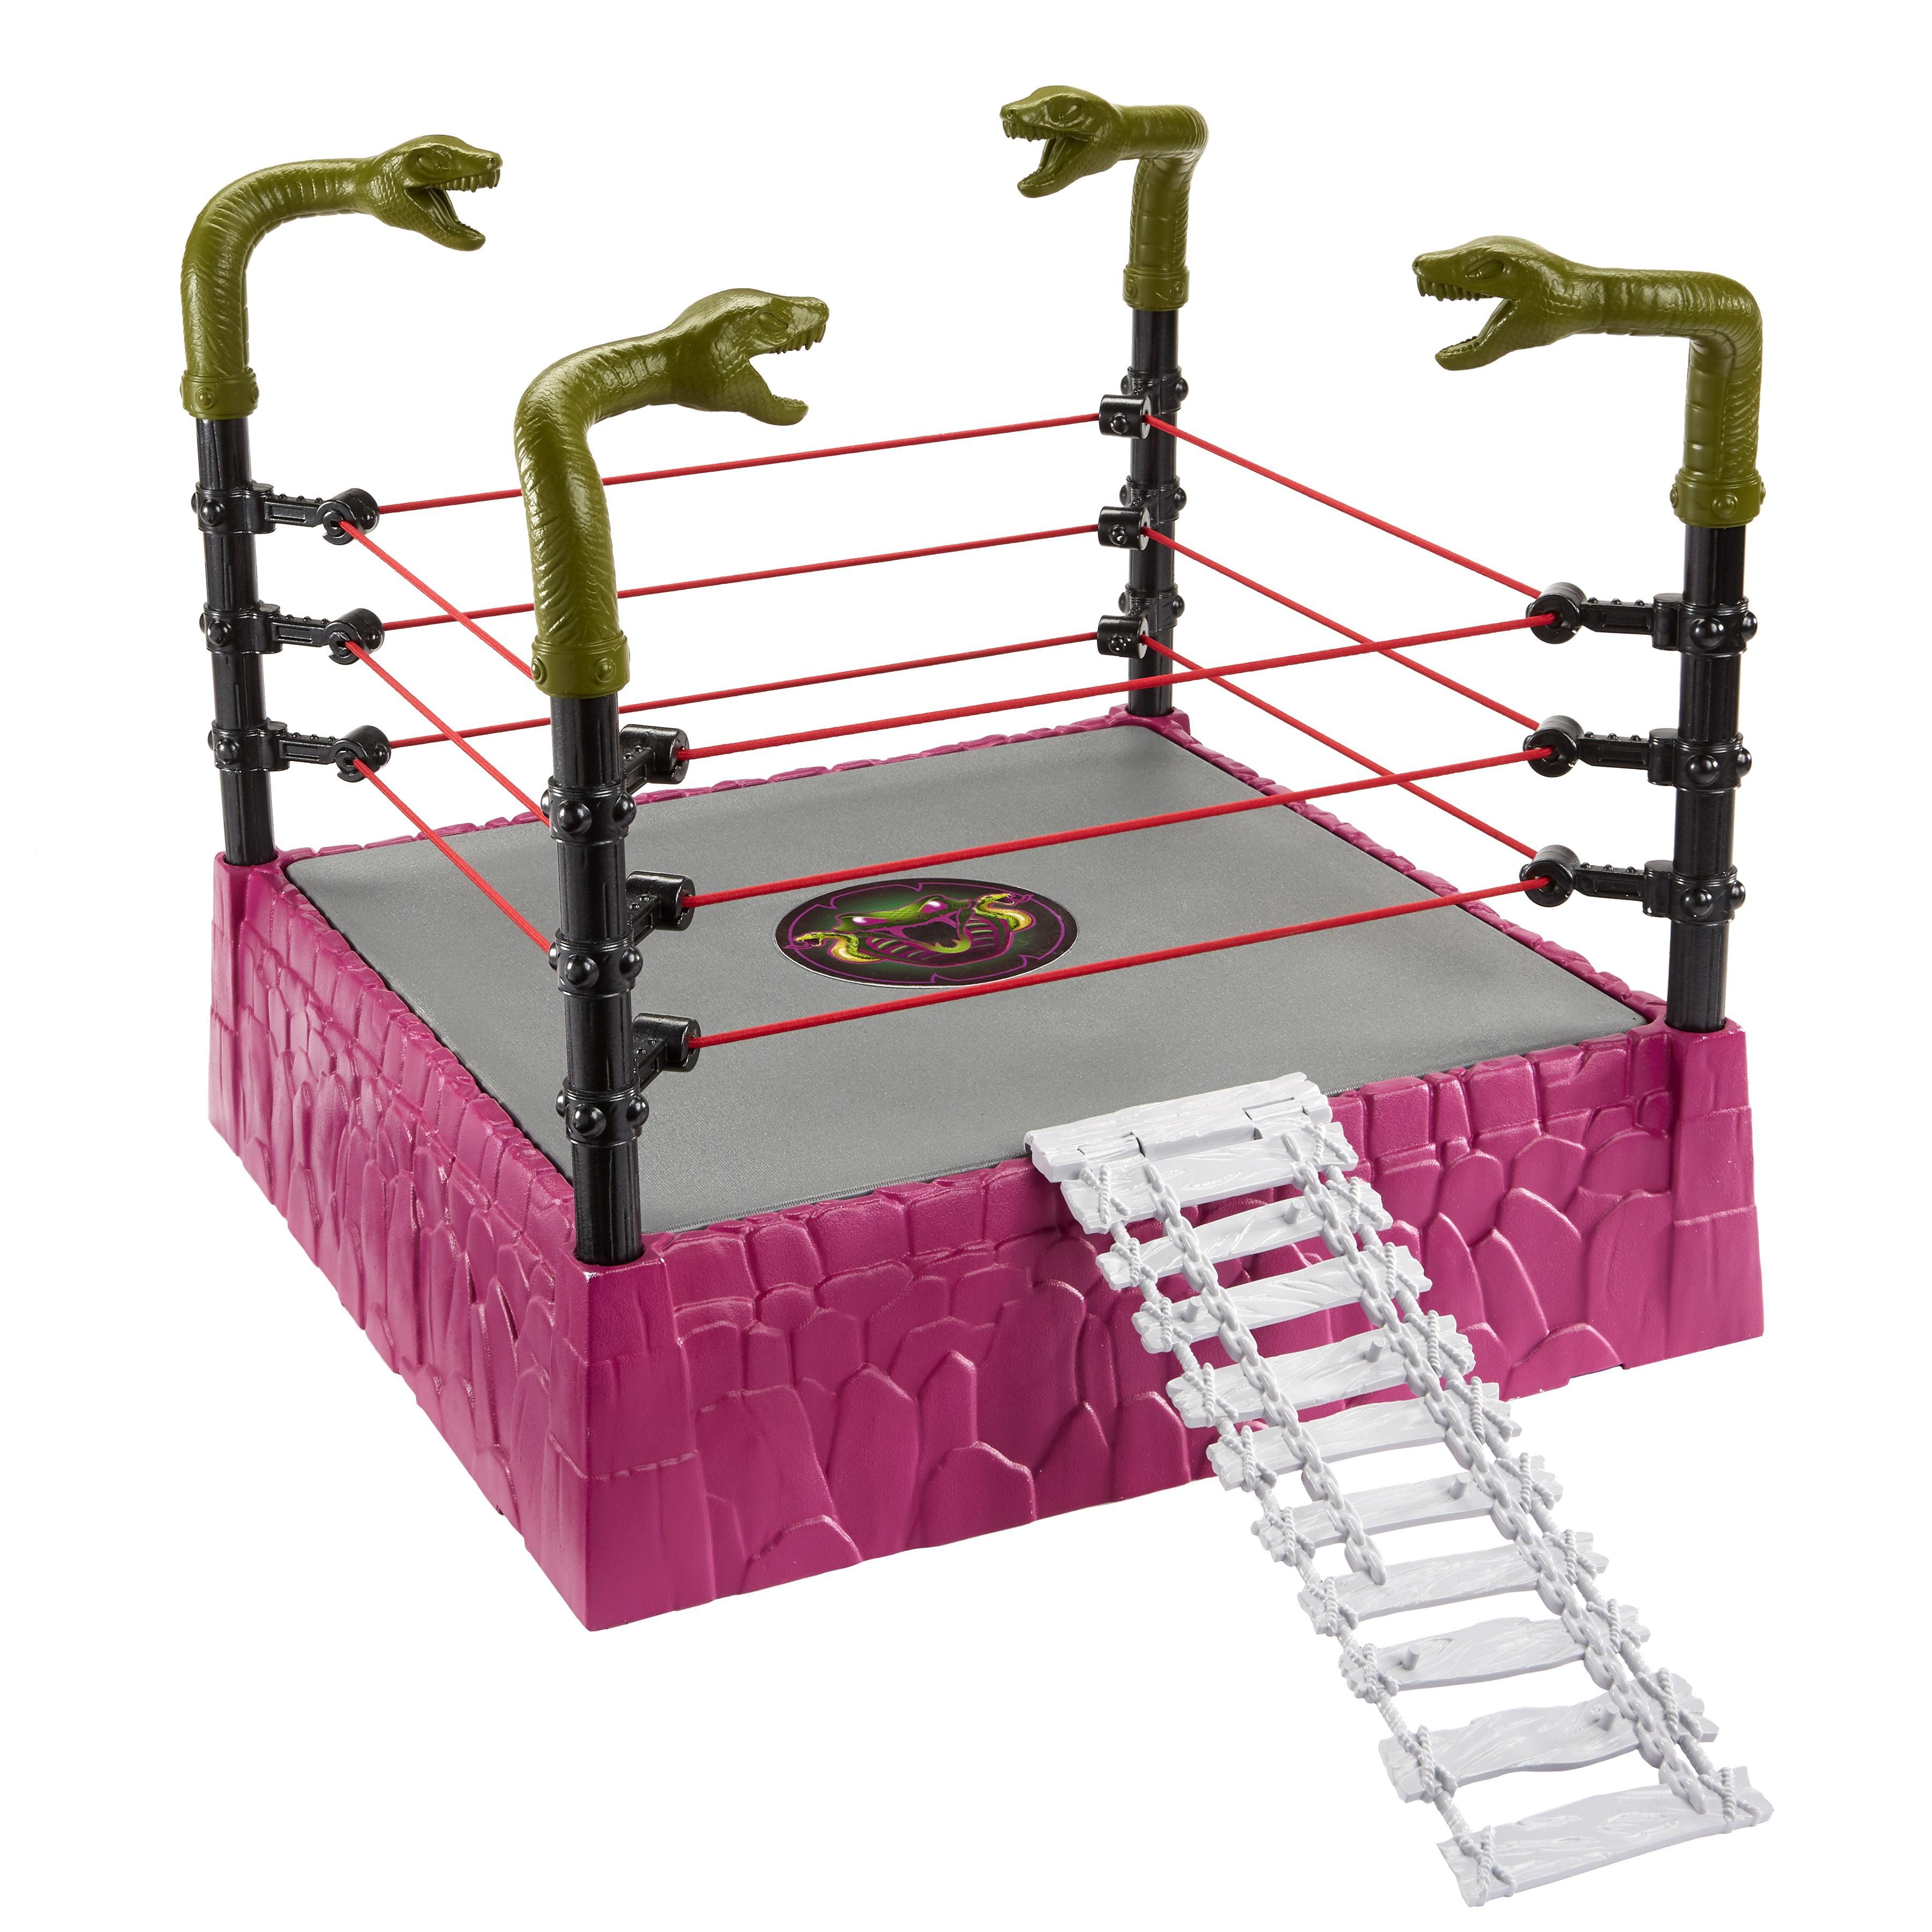 WWE MASTERS OF THE UNIVERSE RATTLESNAKE MOUNTAIN RING PLAYSET HOGAN SCSA DMG PKG